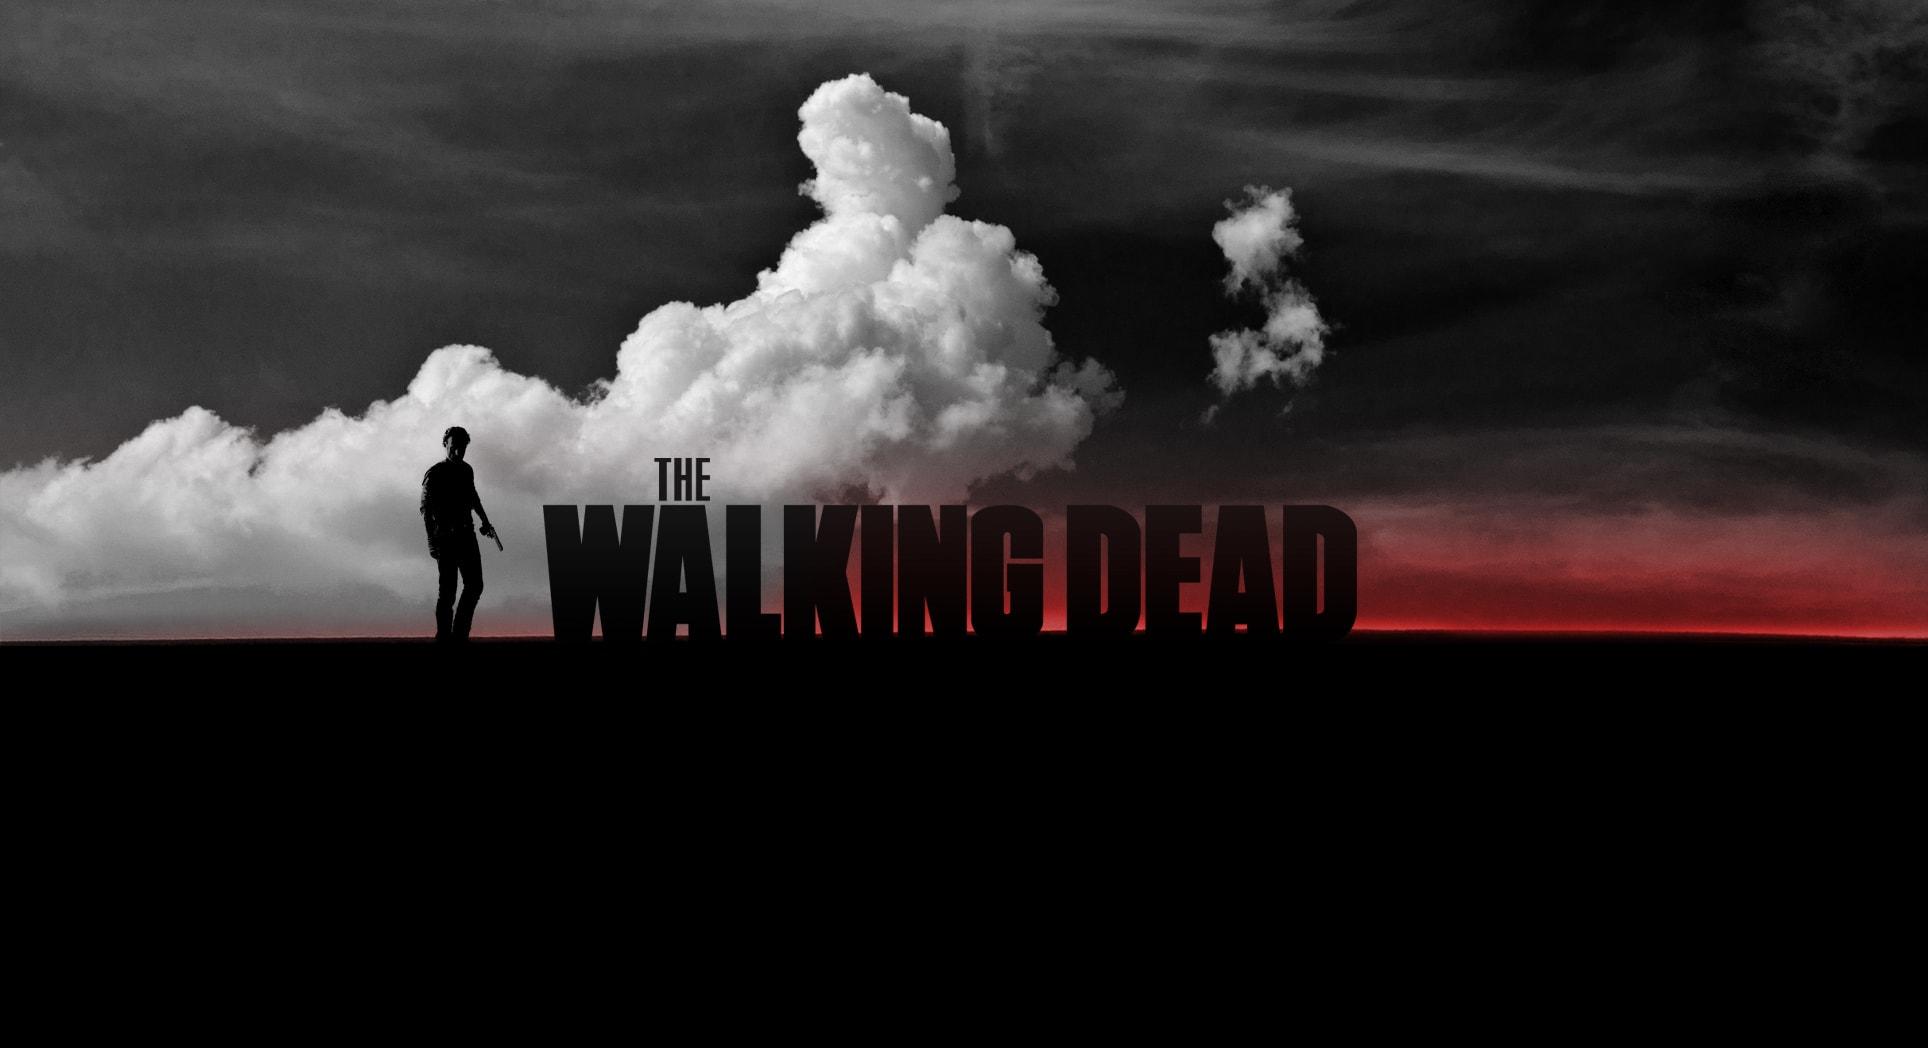 The Walking Dead widescreen for desktop